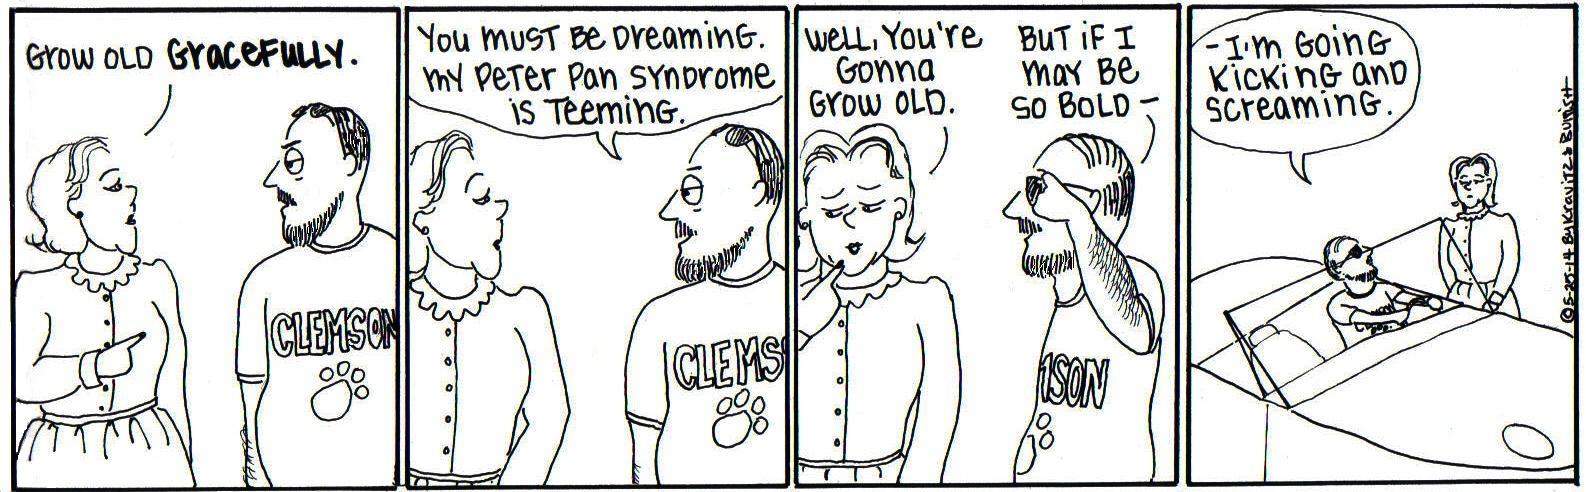 aafe-peter-pan-syndrome